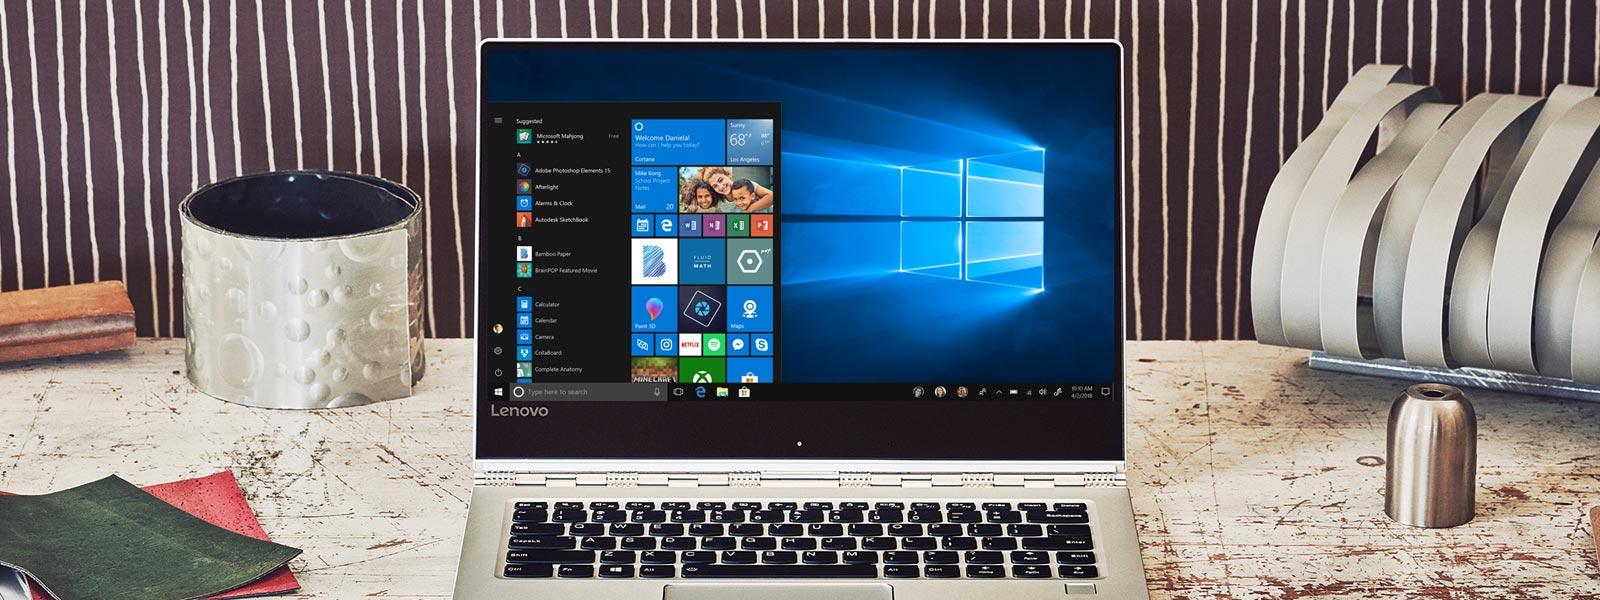 Un portatile su una scrivania, sullo schermo è visualizzata la schermata Start di Windows 10